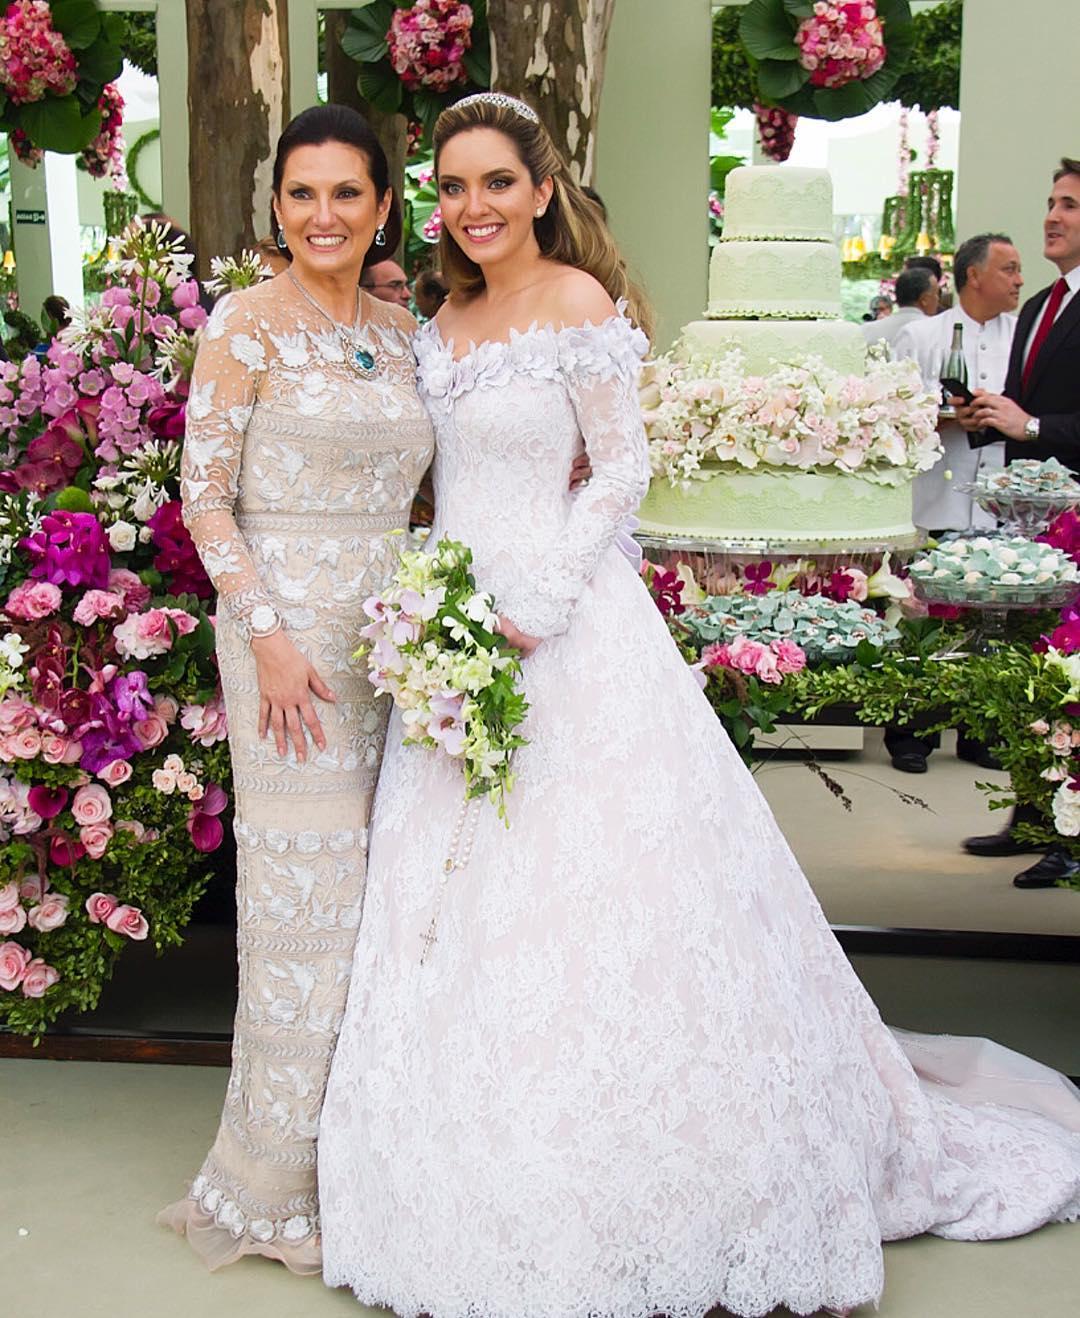 f1ef3256b97df1 Vestido para mãe da noiva: 150 fotos para você escolher o modelo ideal